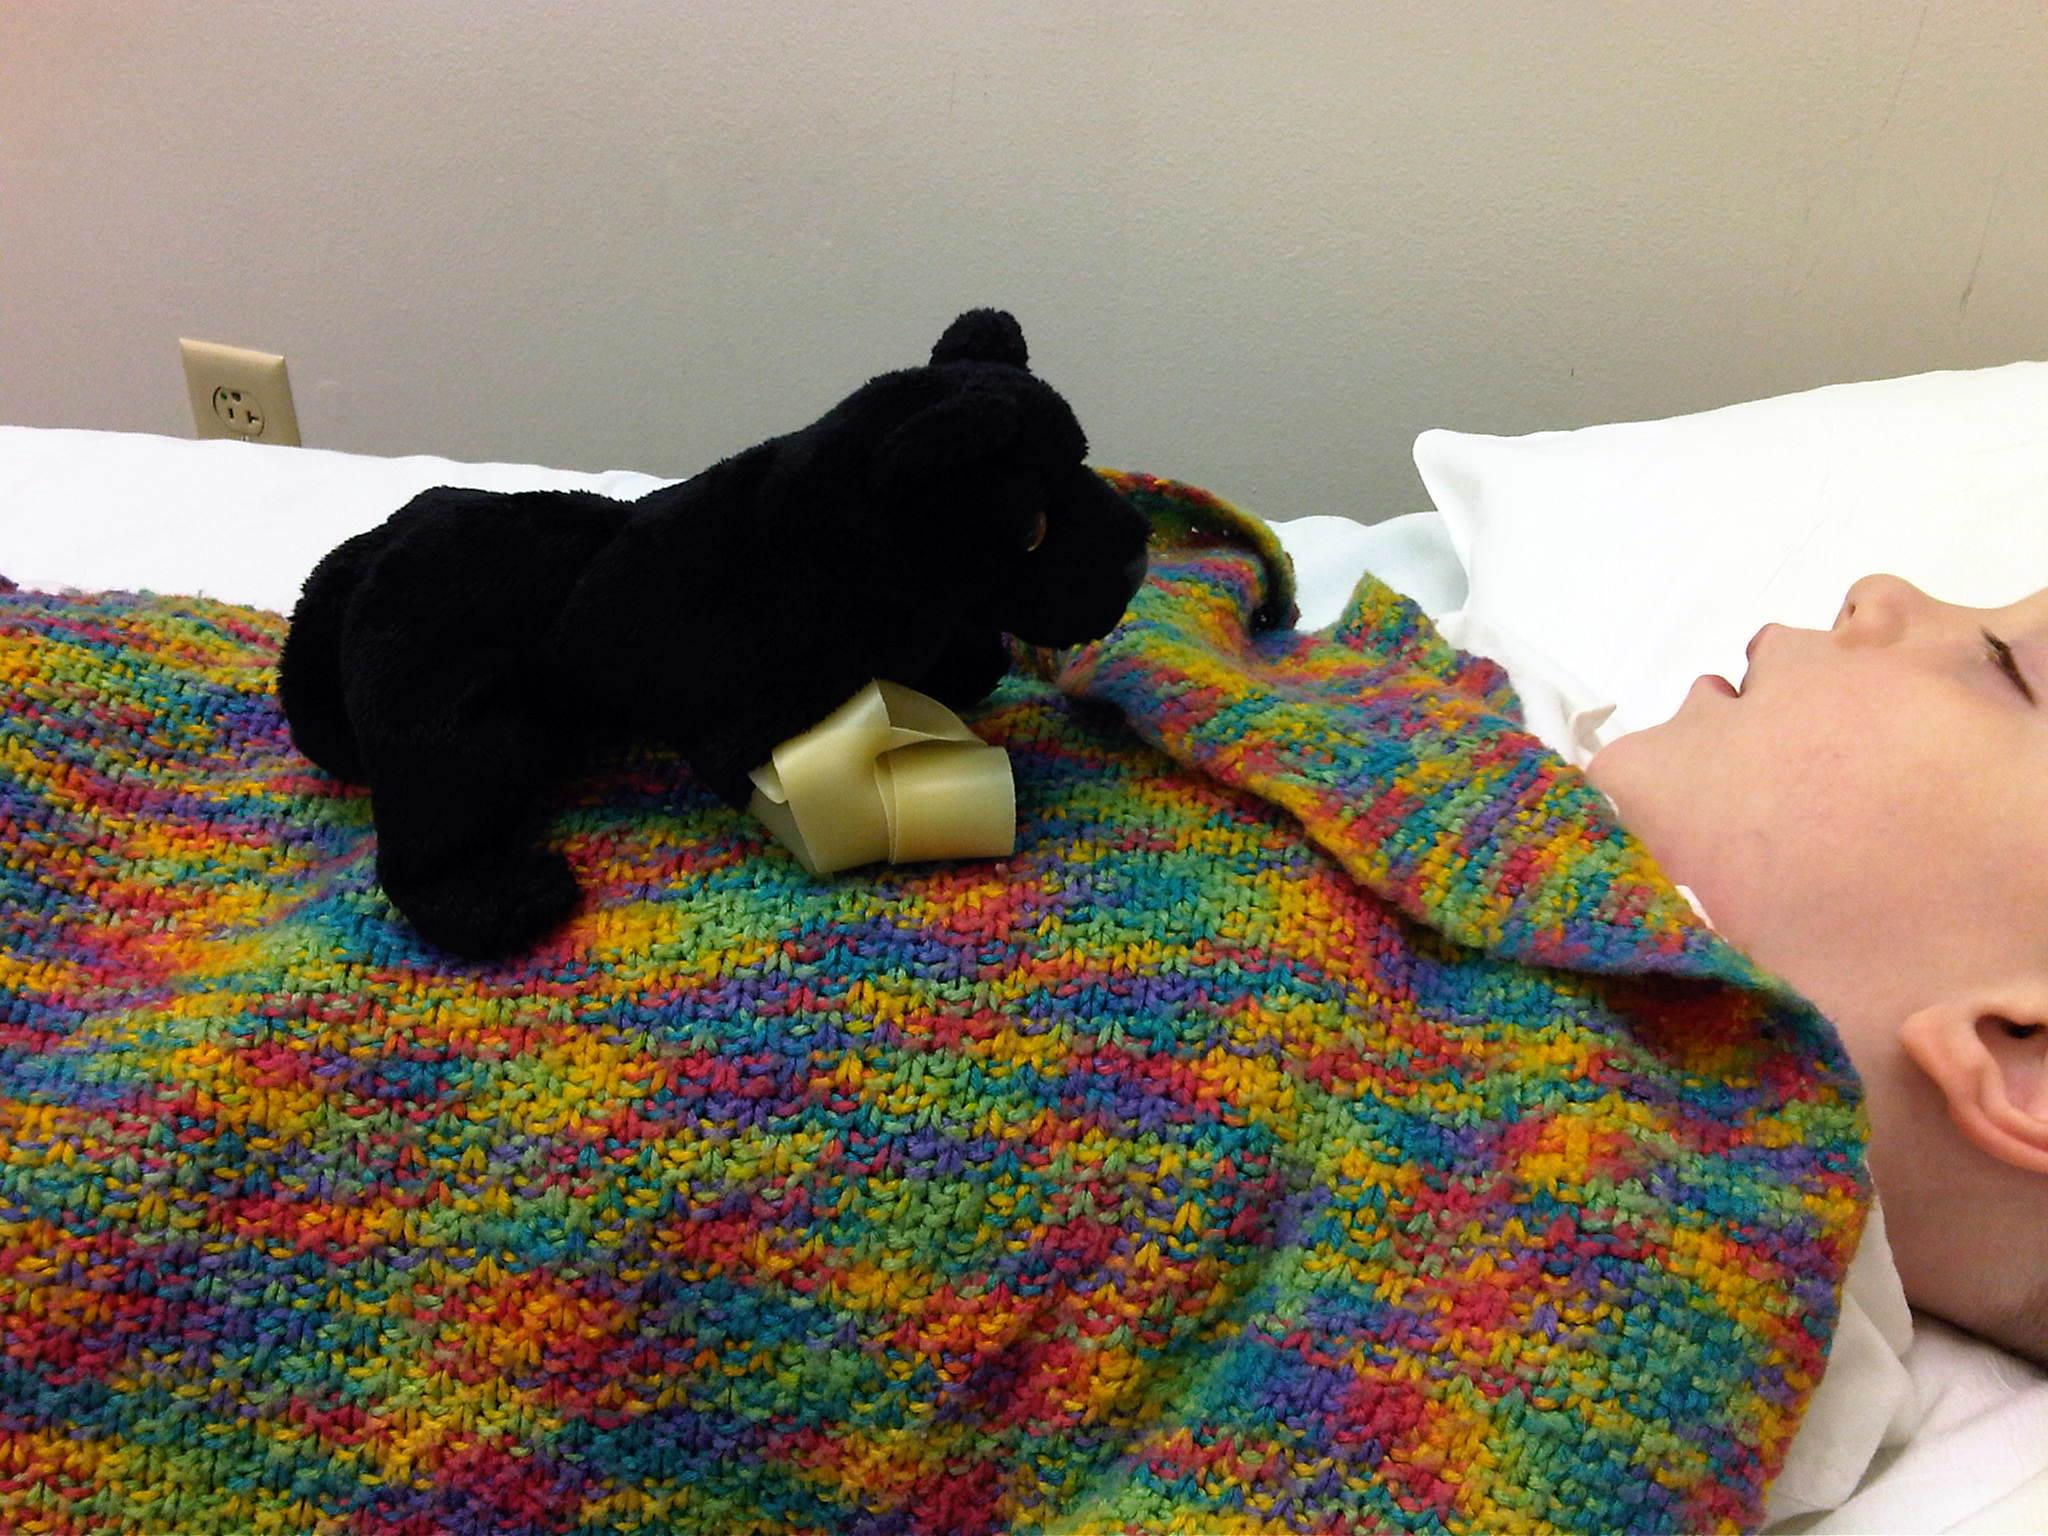 seizure alert dogs save lives liver seizure formula also has calming